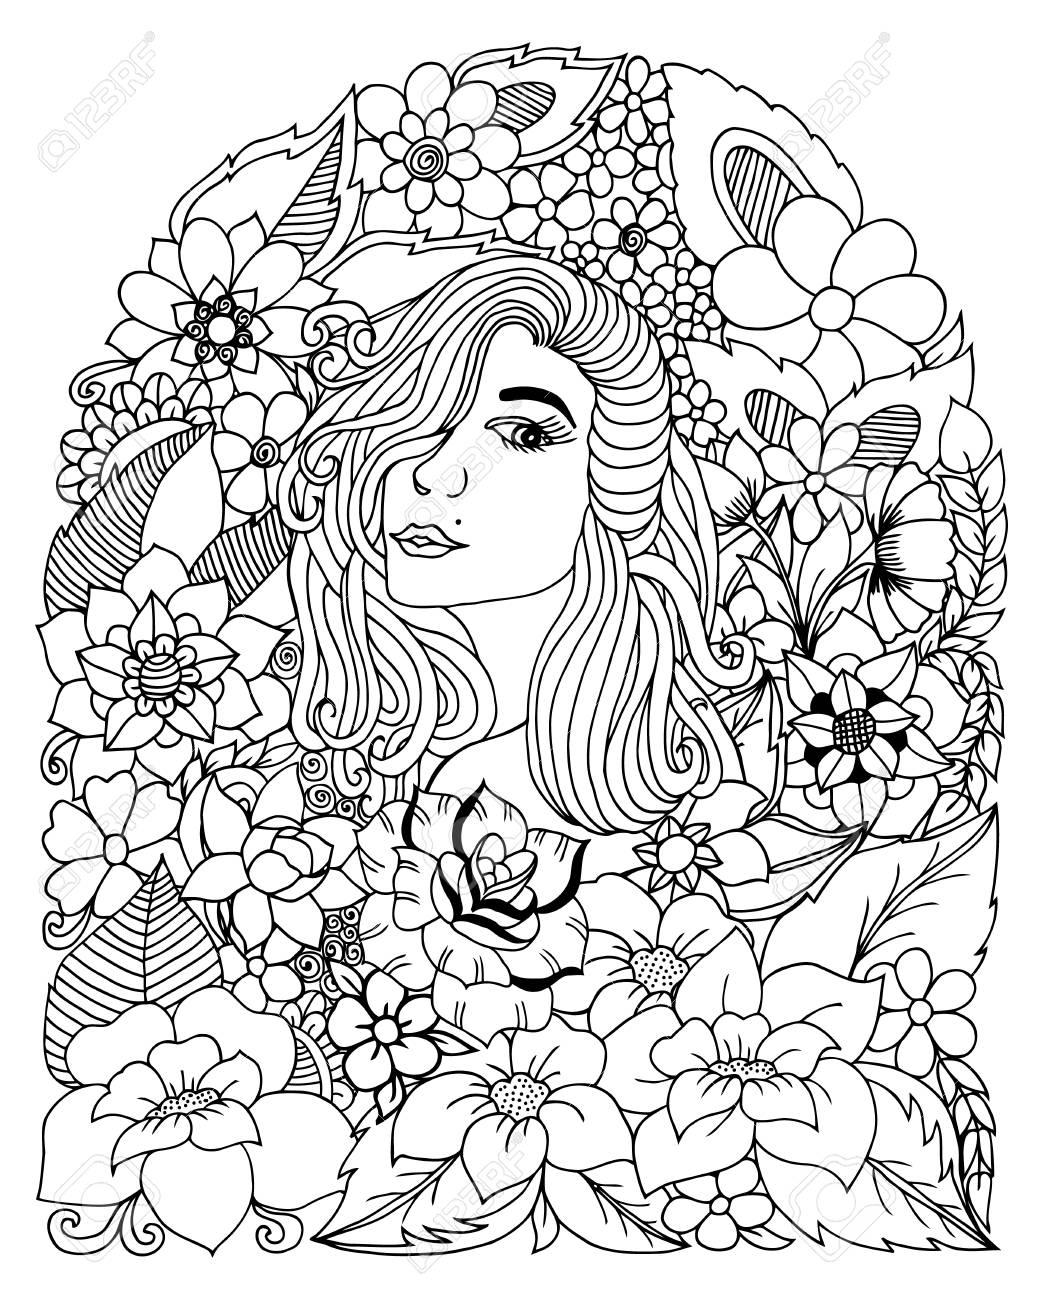 Ilustración Retrato De Una Niña Entre Las Flores. Libro De Colorear ...